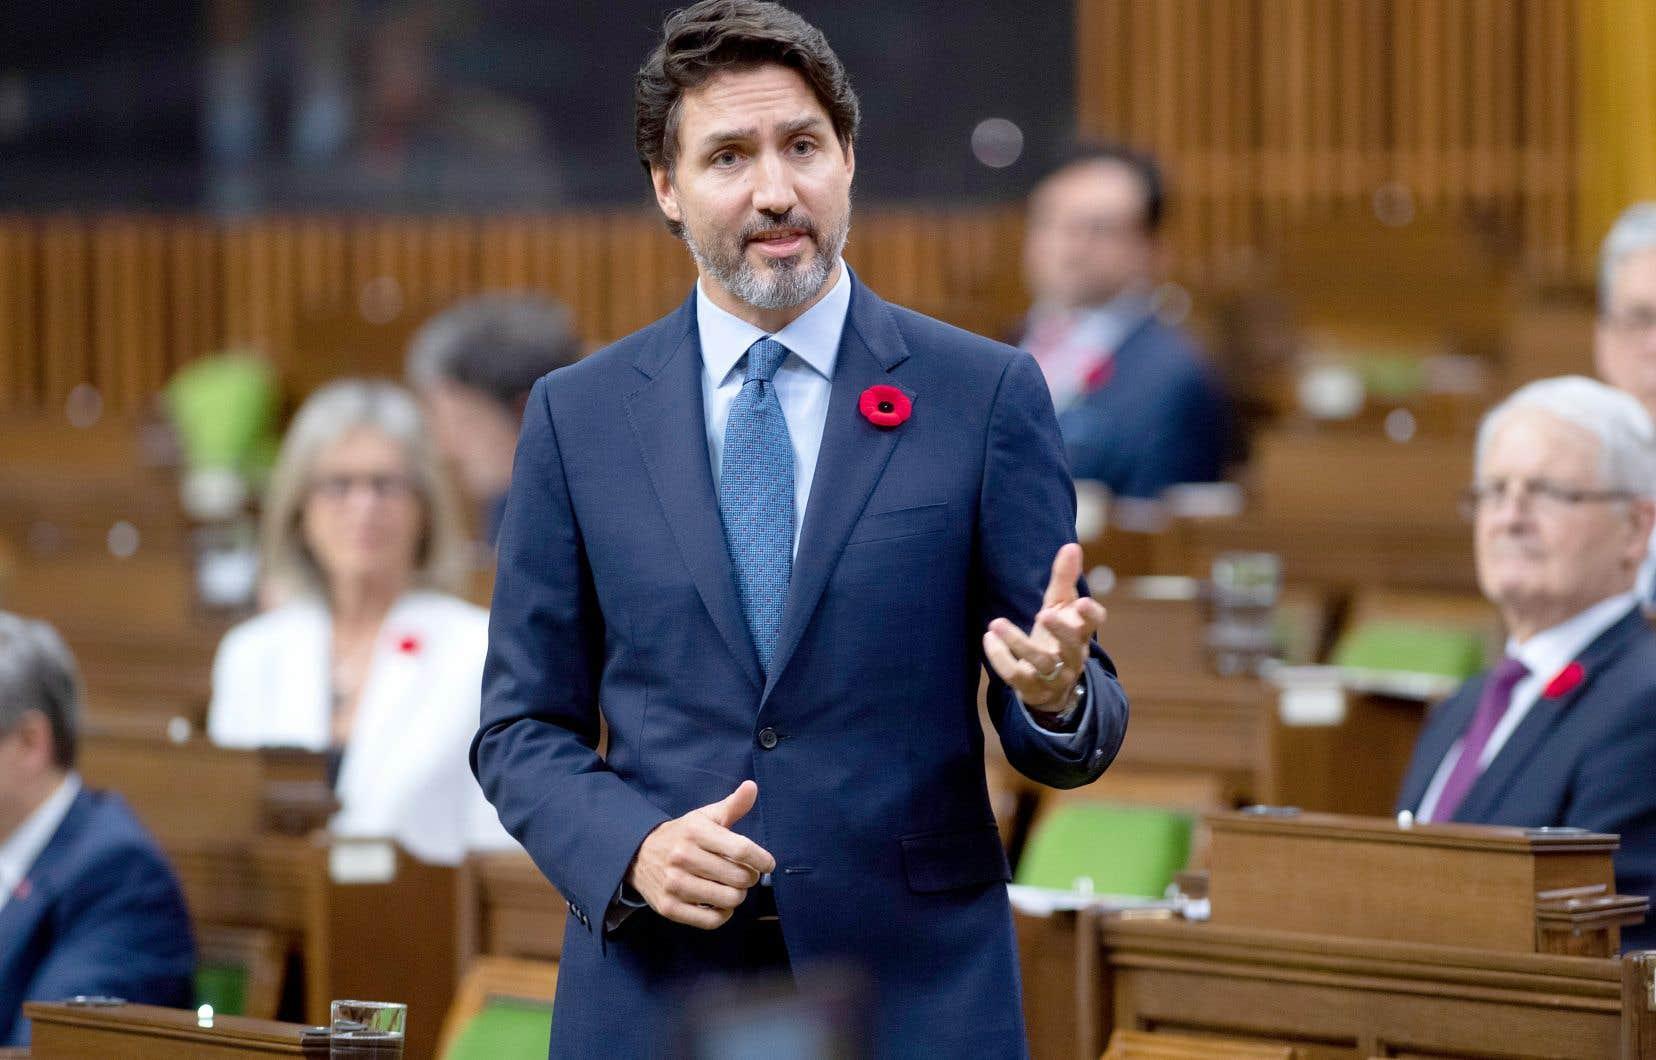 Le premier ministre canadien, Justin Trudeau, a modifié son discours au sujet de la liberté d'expression, reconnaissant maintenant qu'elle englobe la possibilité pour les caricaturistes de moquer les religions, l'islam y compris.